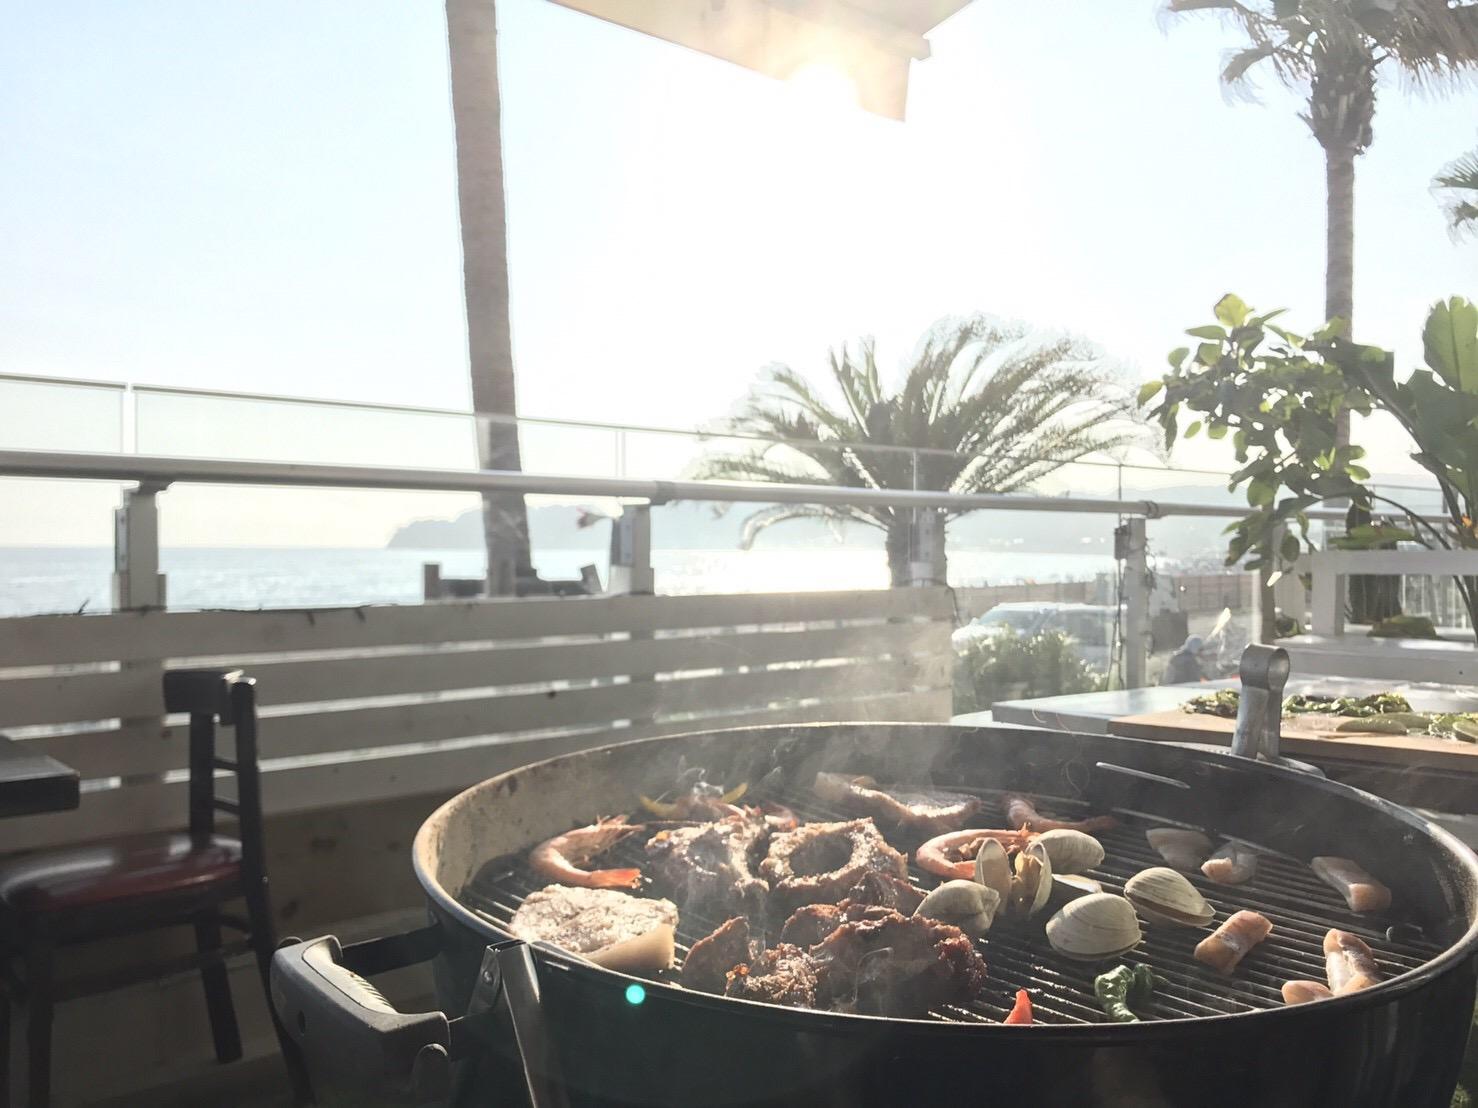 海が見えるカフェで手ぶらBBQ!夏の思い出を作るならここで決まり!